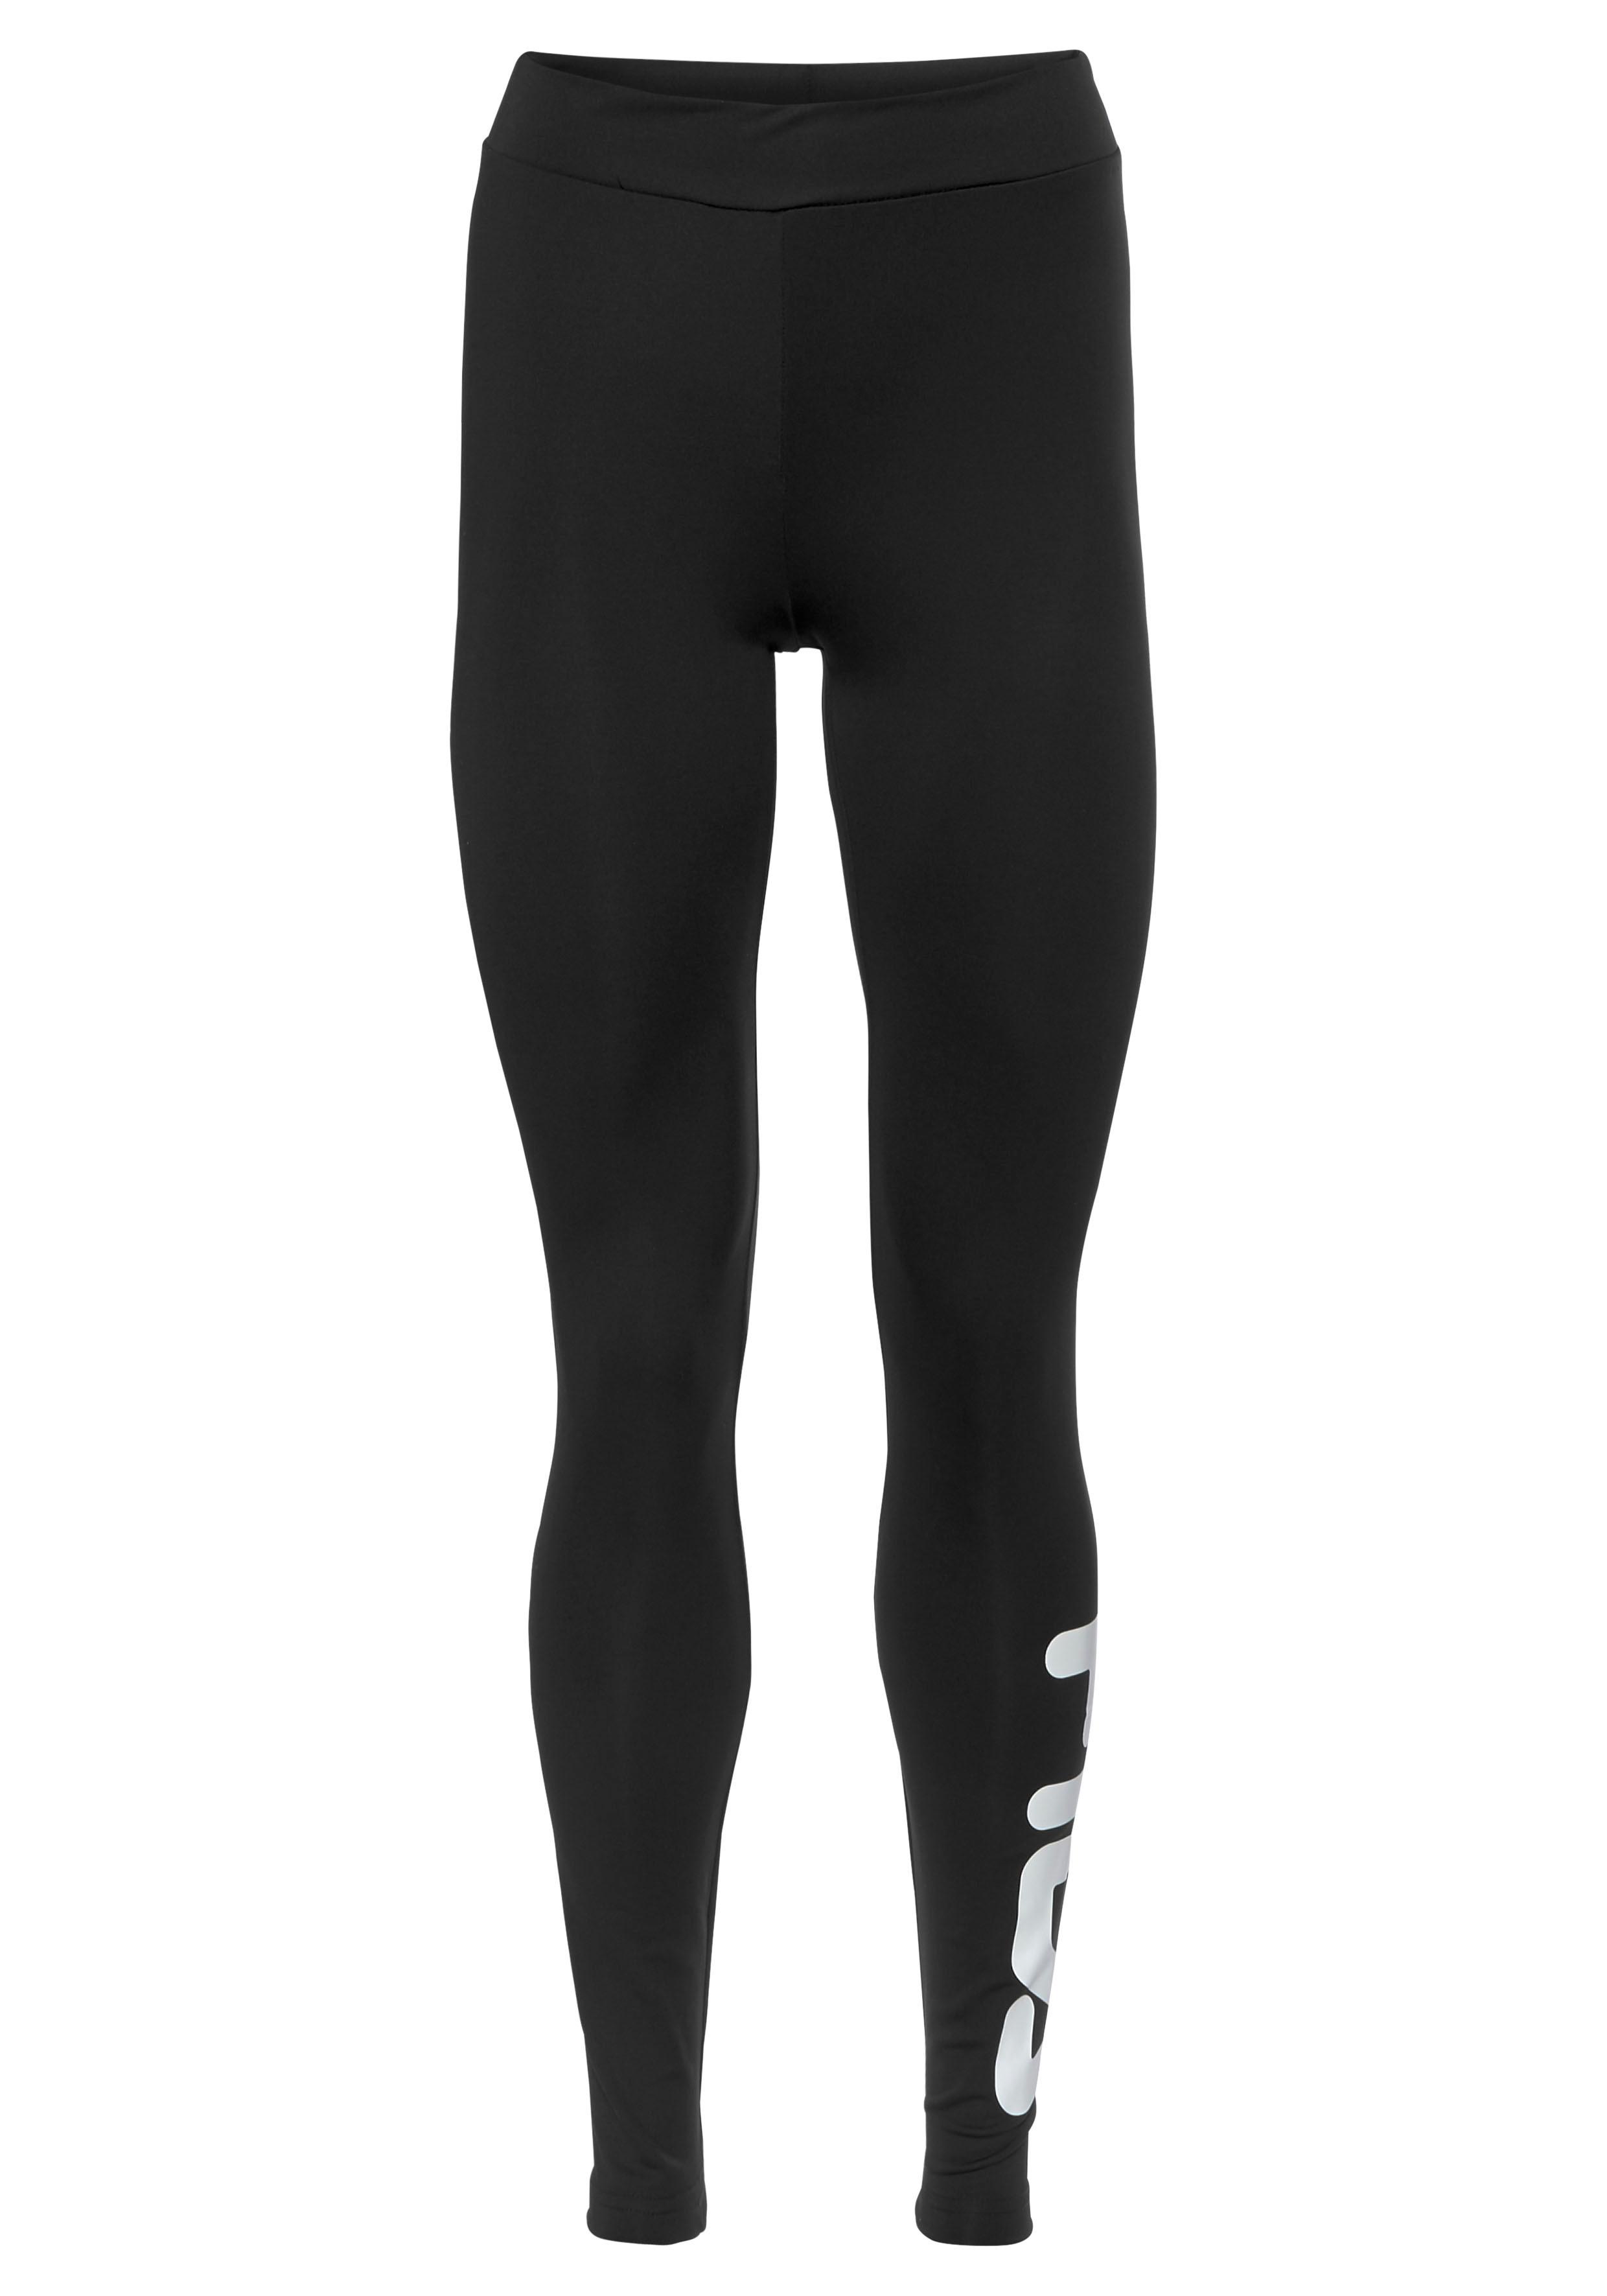 Fila Leggings FLEX 20 leggings Damenmode/Bekleidung/Hosen/Leggings